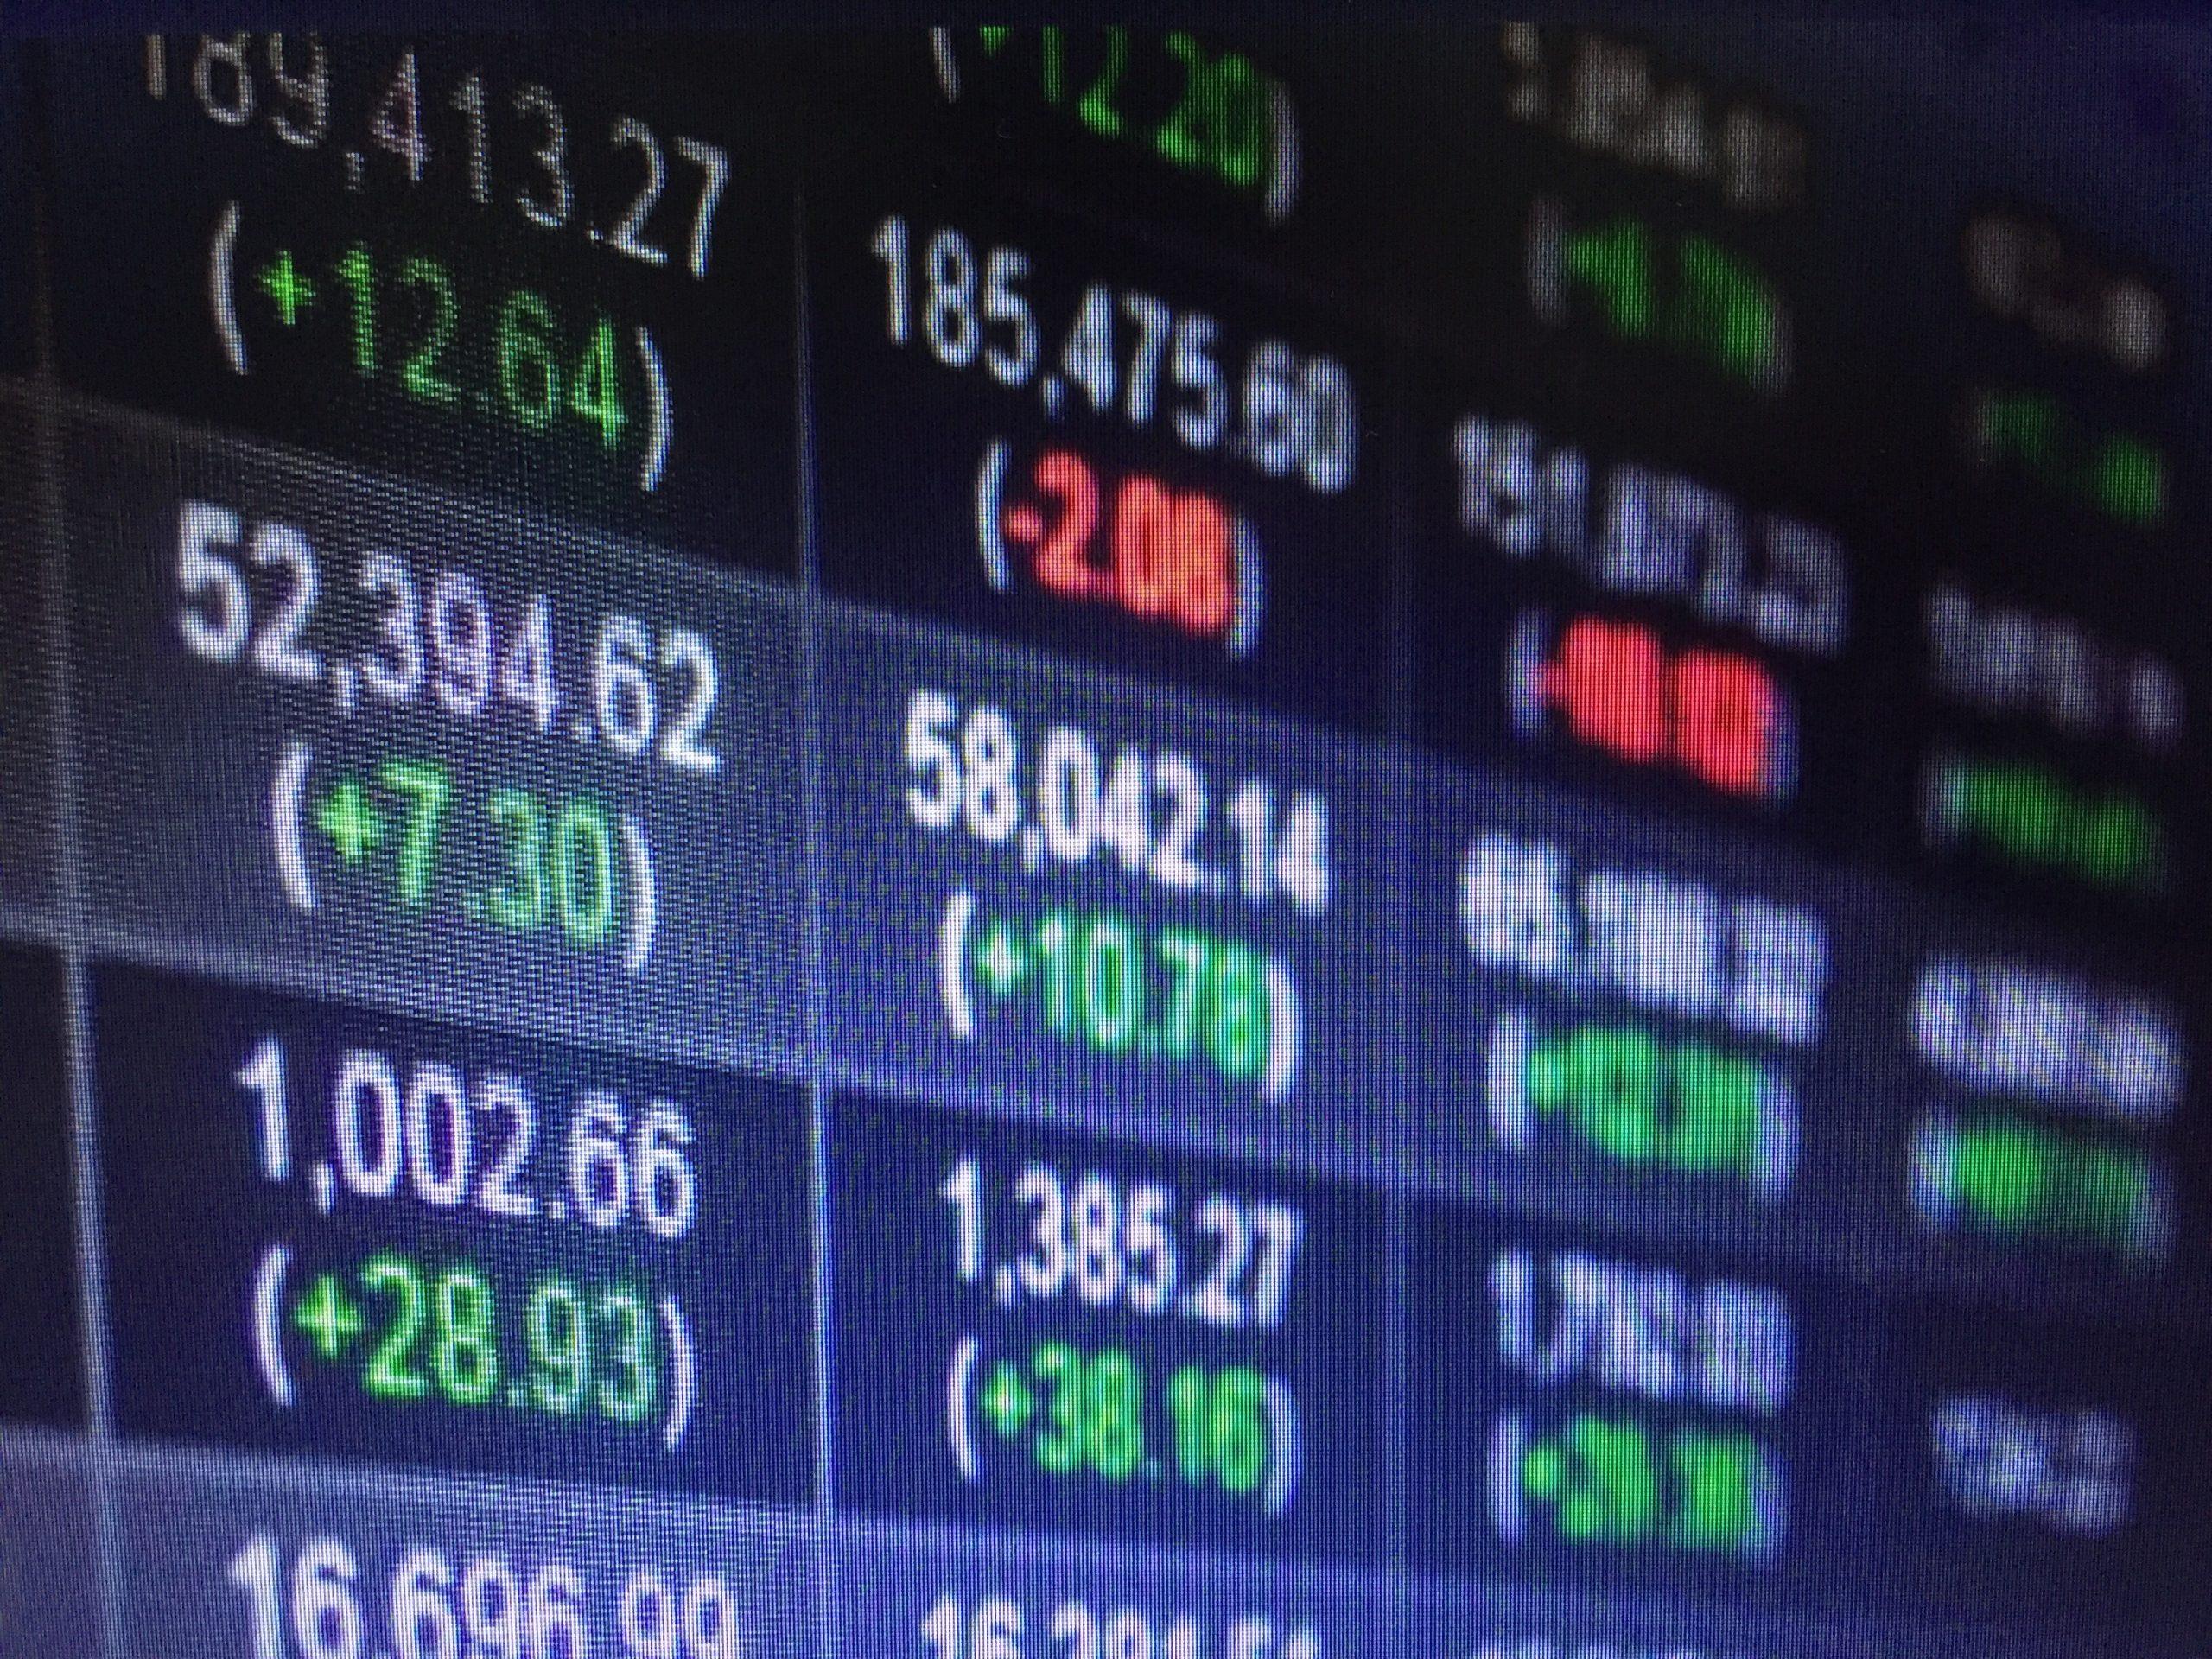 Konflik AS-China Belum Reda, Bursa Asia Variatif